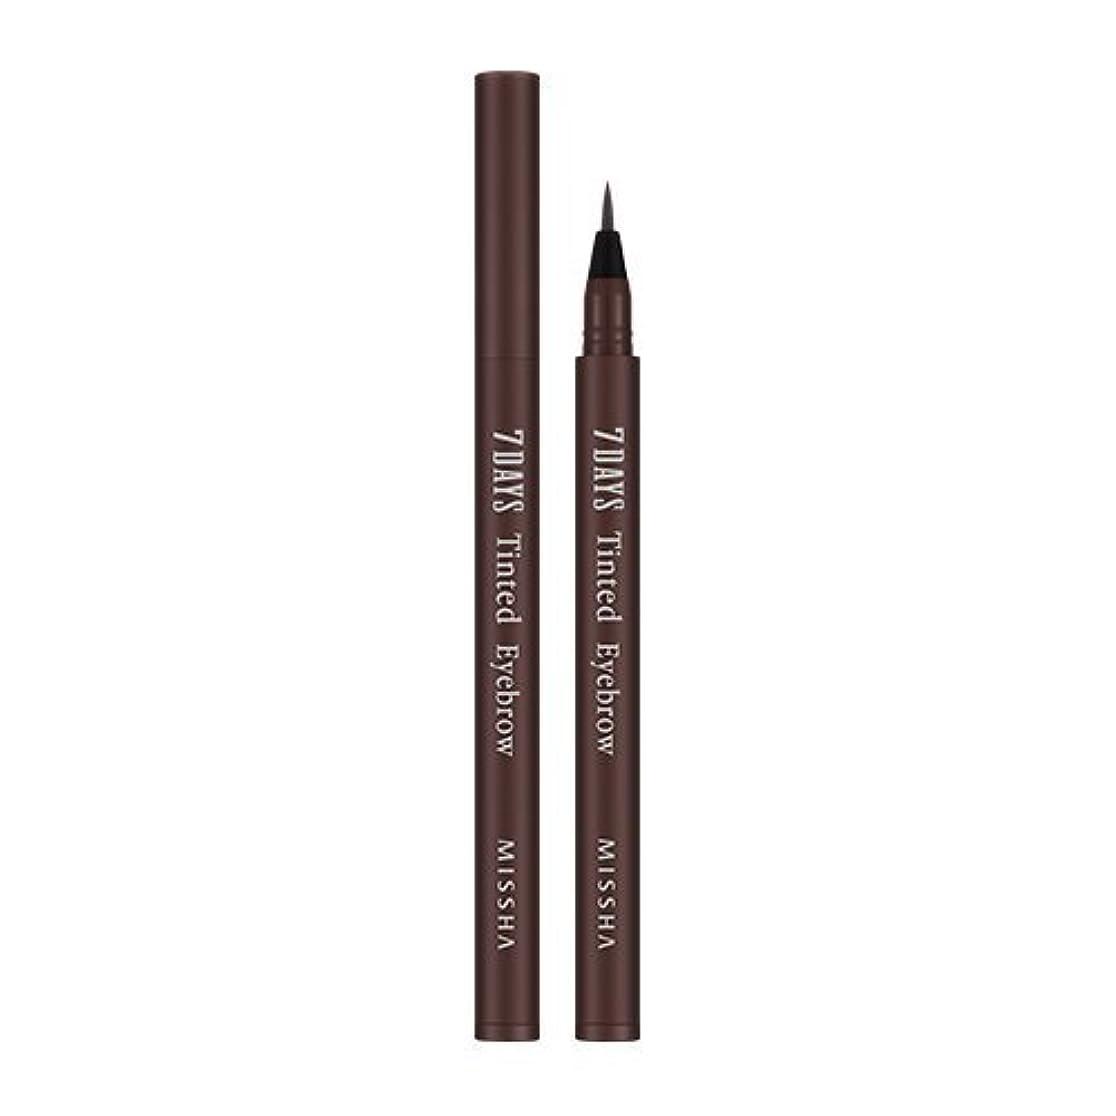 食堂改修するバイナリMISSHA Seven Days Tinted Eye Brow 0.8ml (#01 Maroon Brown)/ミシャ セブンデイズ ティンテッド アイブロウ 0.8ml (#01 Maroon Brown)